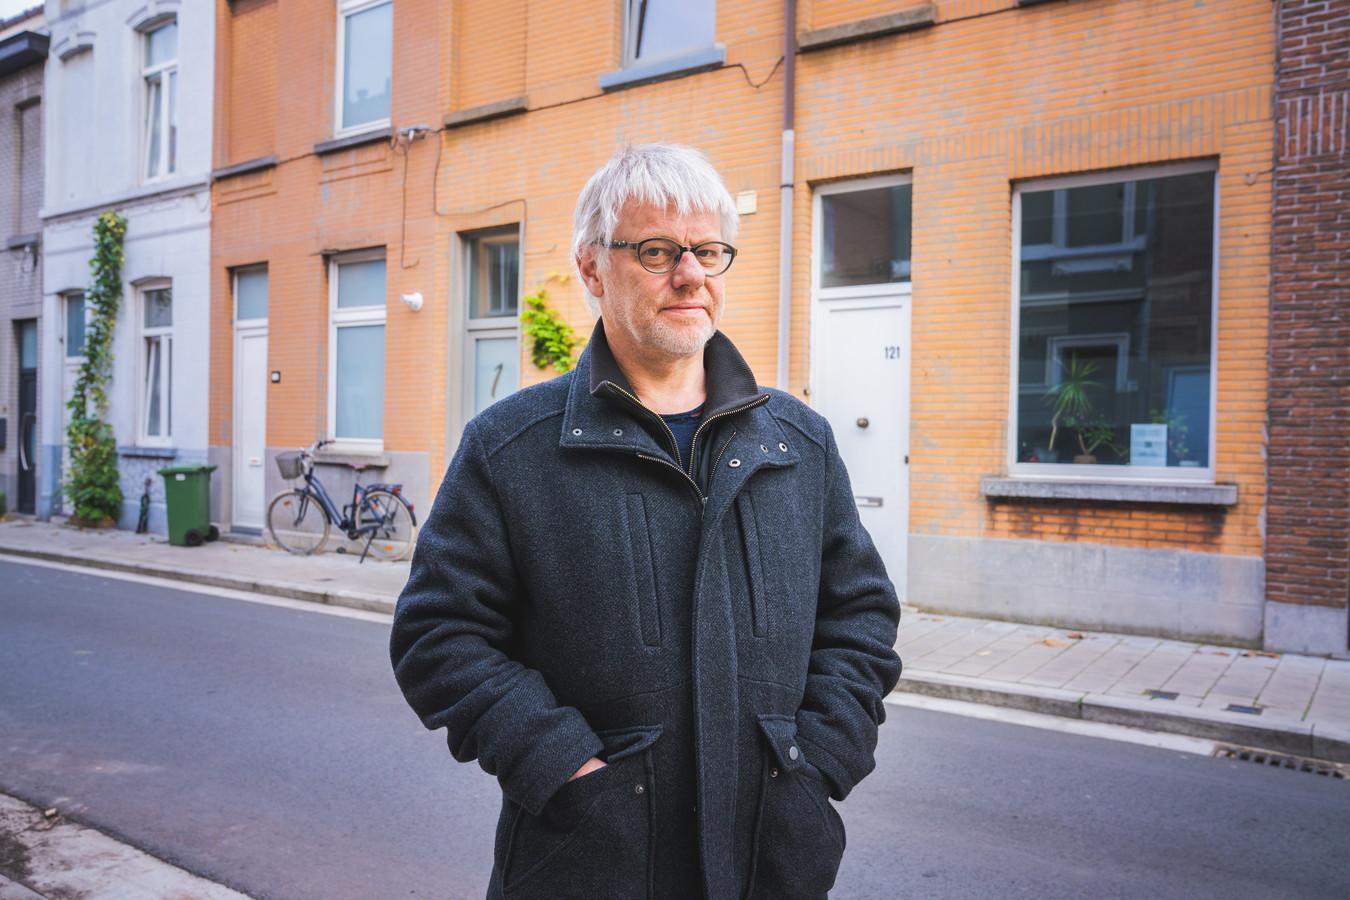 Mede-initiatiefnemer Didier Wijnants (58) voor het huis in de Wittemolenstraat in Sint-Amandsberg.